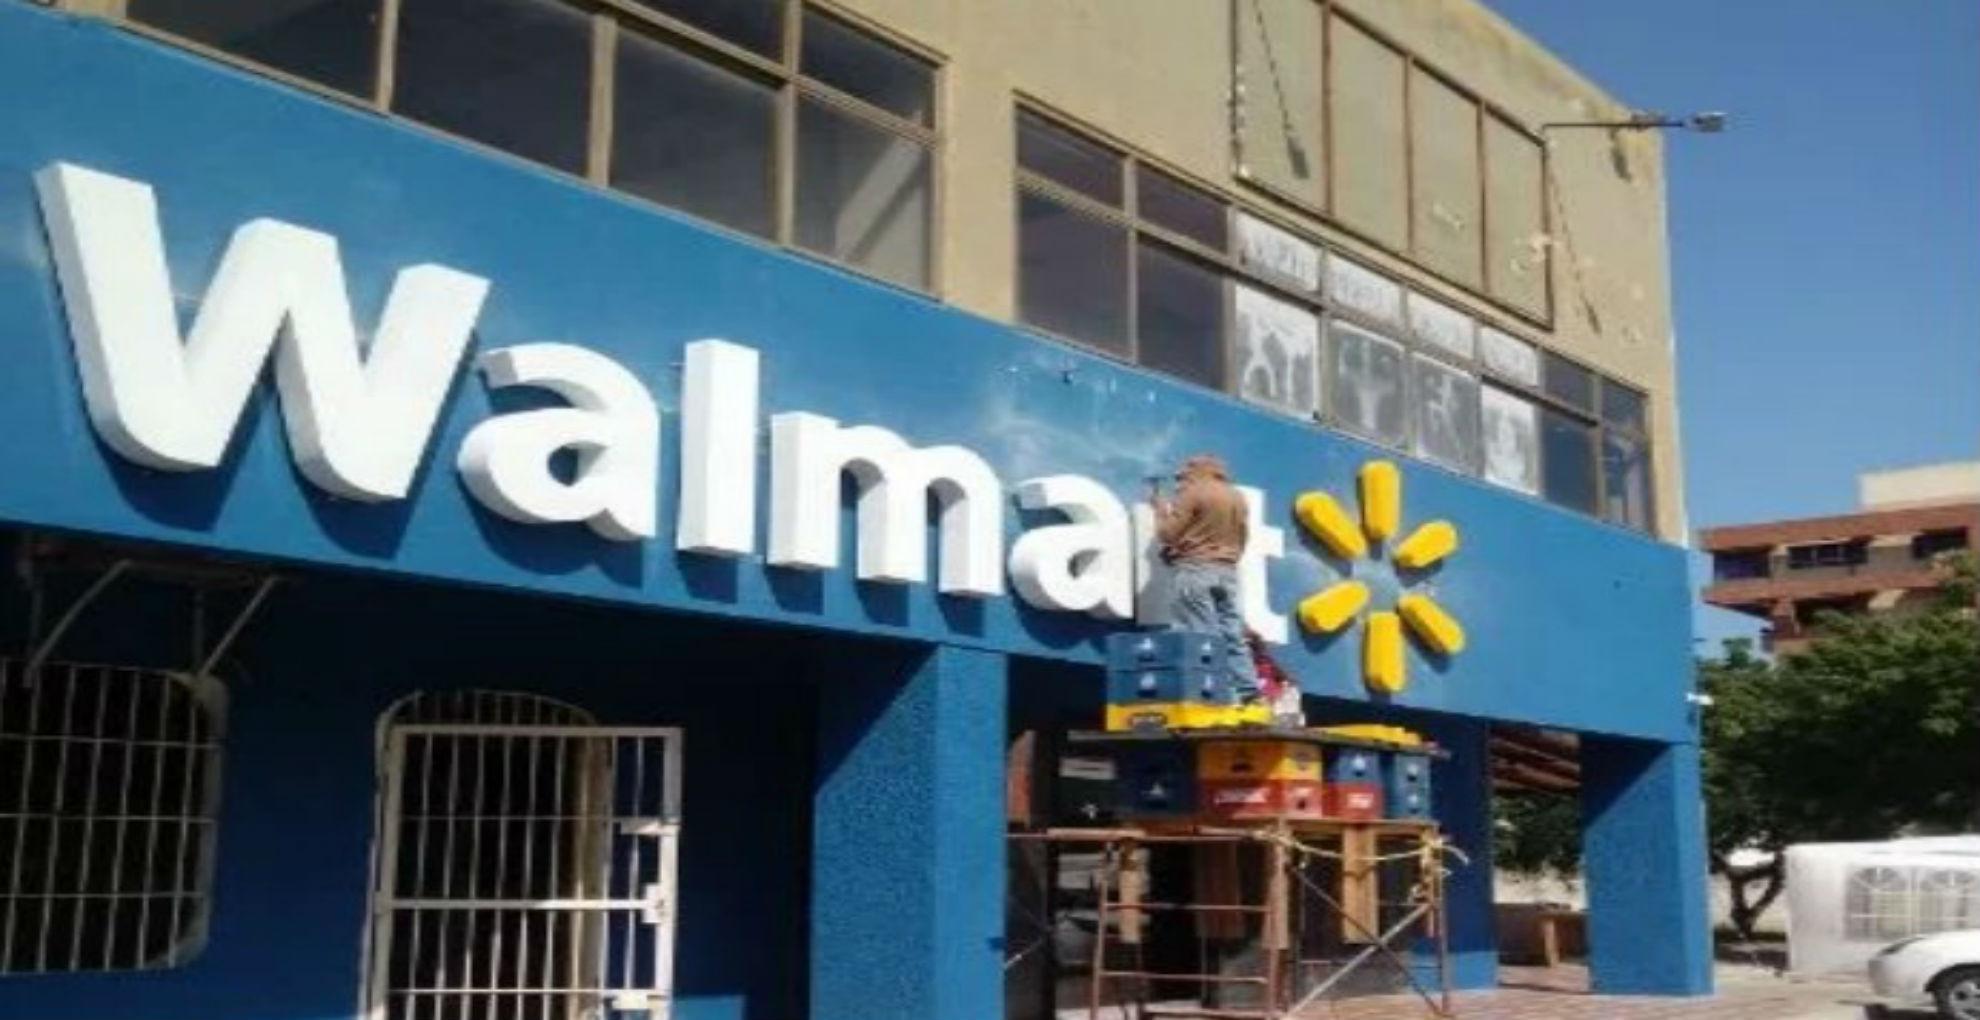 Tienda Walmart de Puerto Cabello no tiene relación con transnacional estadounidense